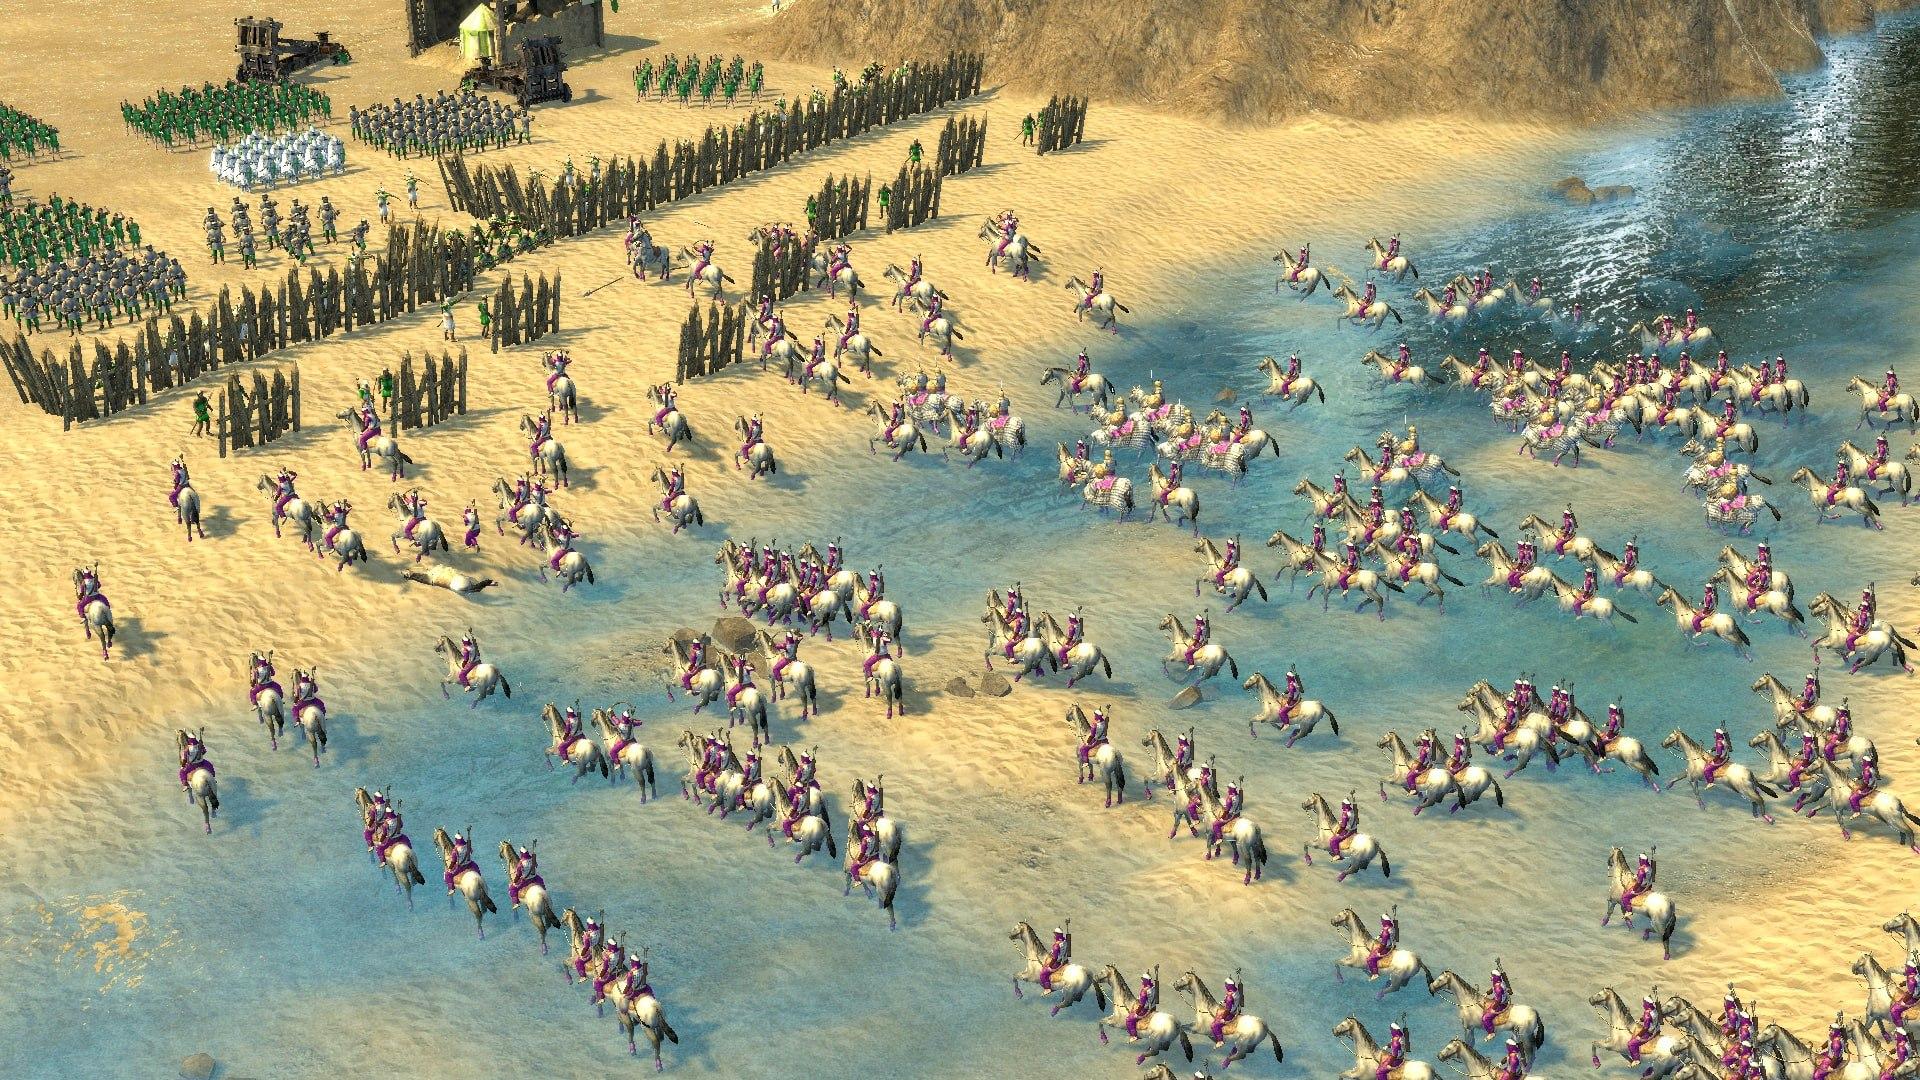 سی دی کی اریجینال استیم بازی Stronghold Crusader II